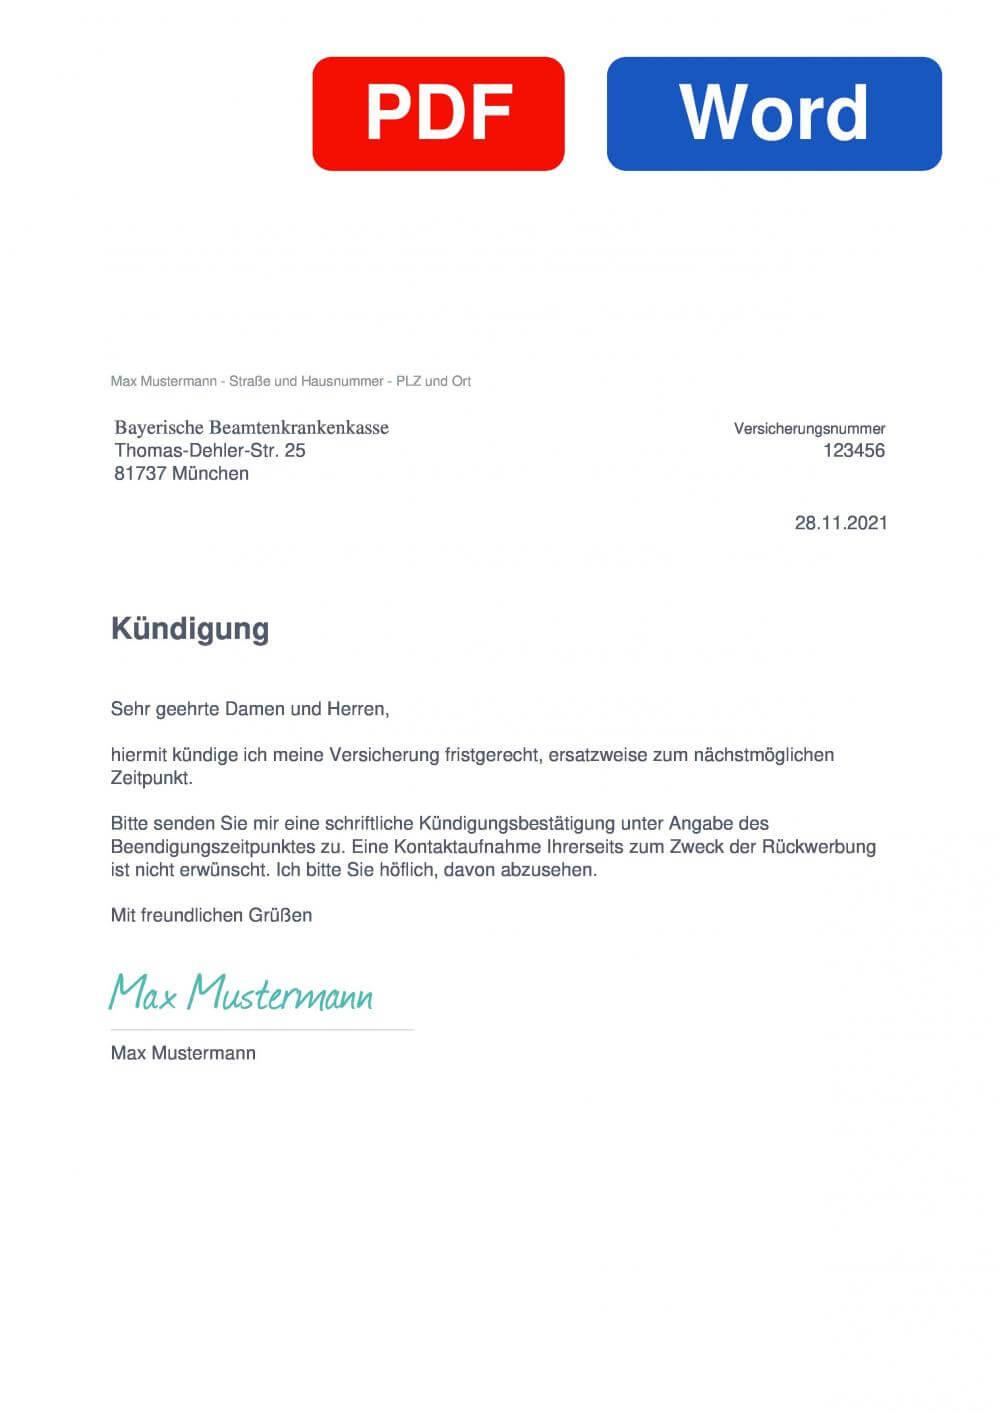 Bayerische Beamtenkrankenkasse Muster Vorlage für Kündigungsschreiben